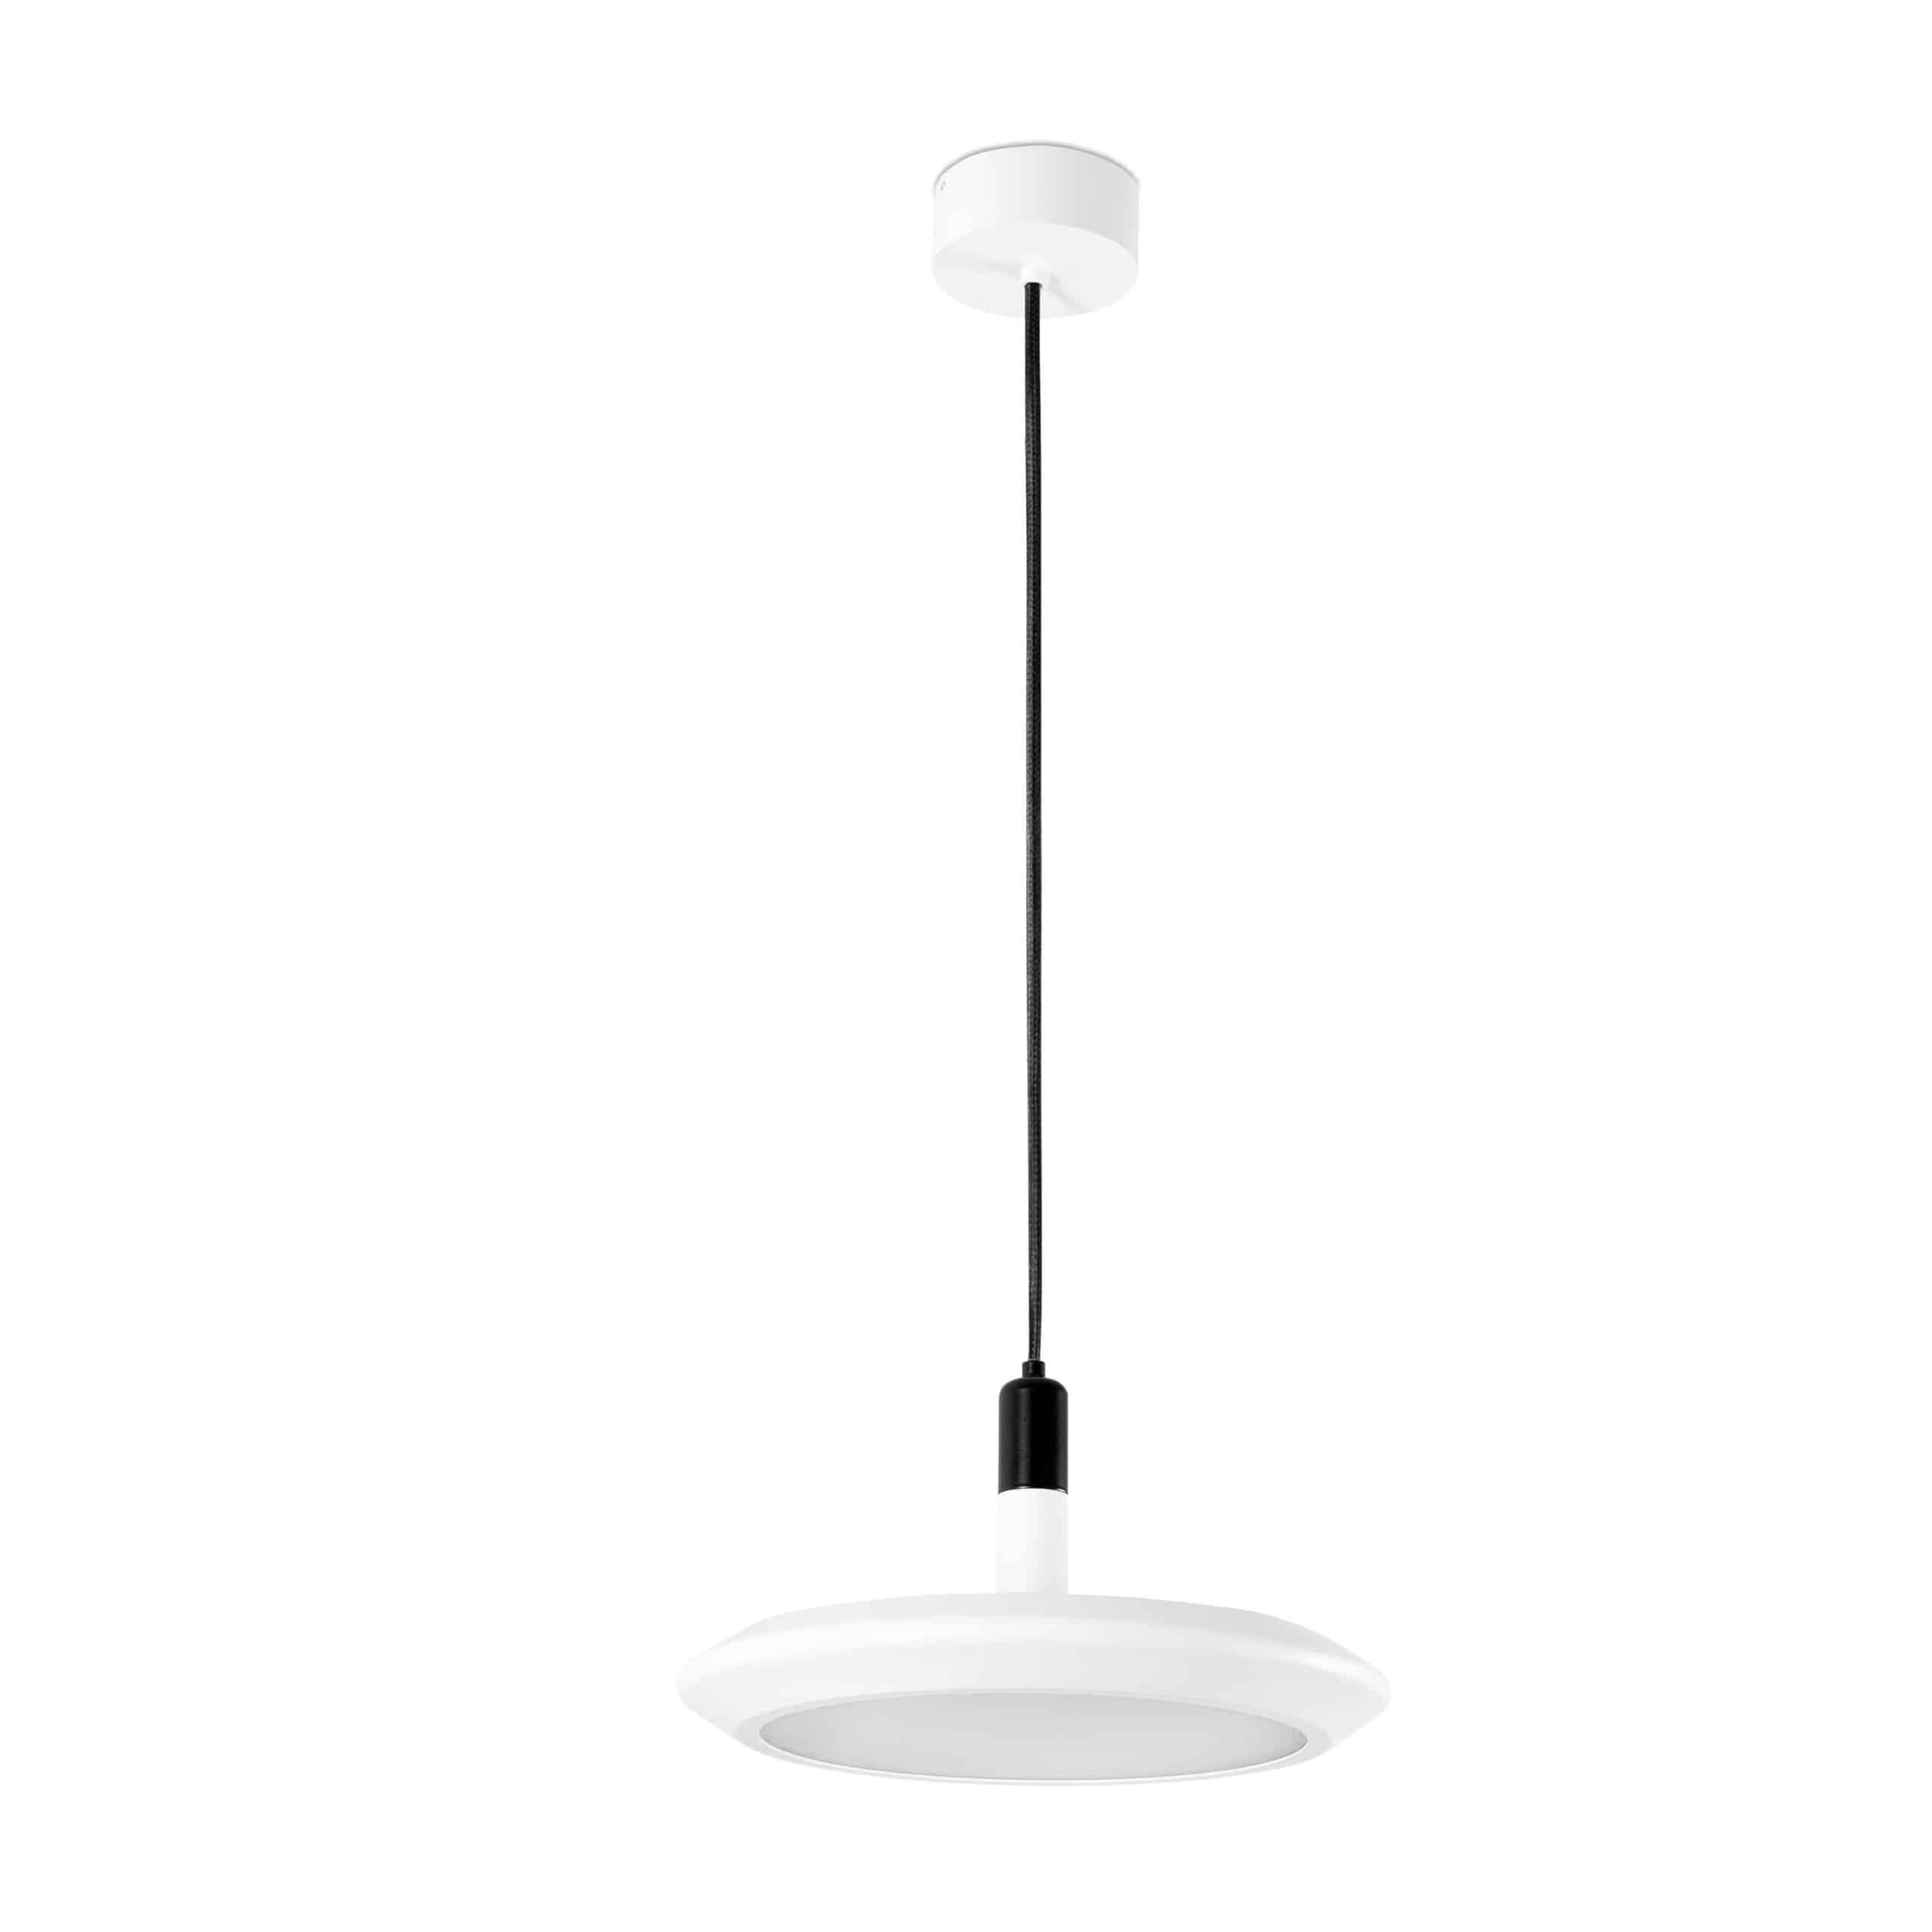 Pakabinamas plokščias LED šviestuvas FARO PLANET